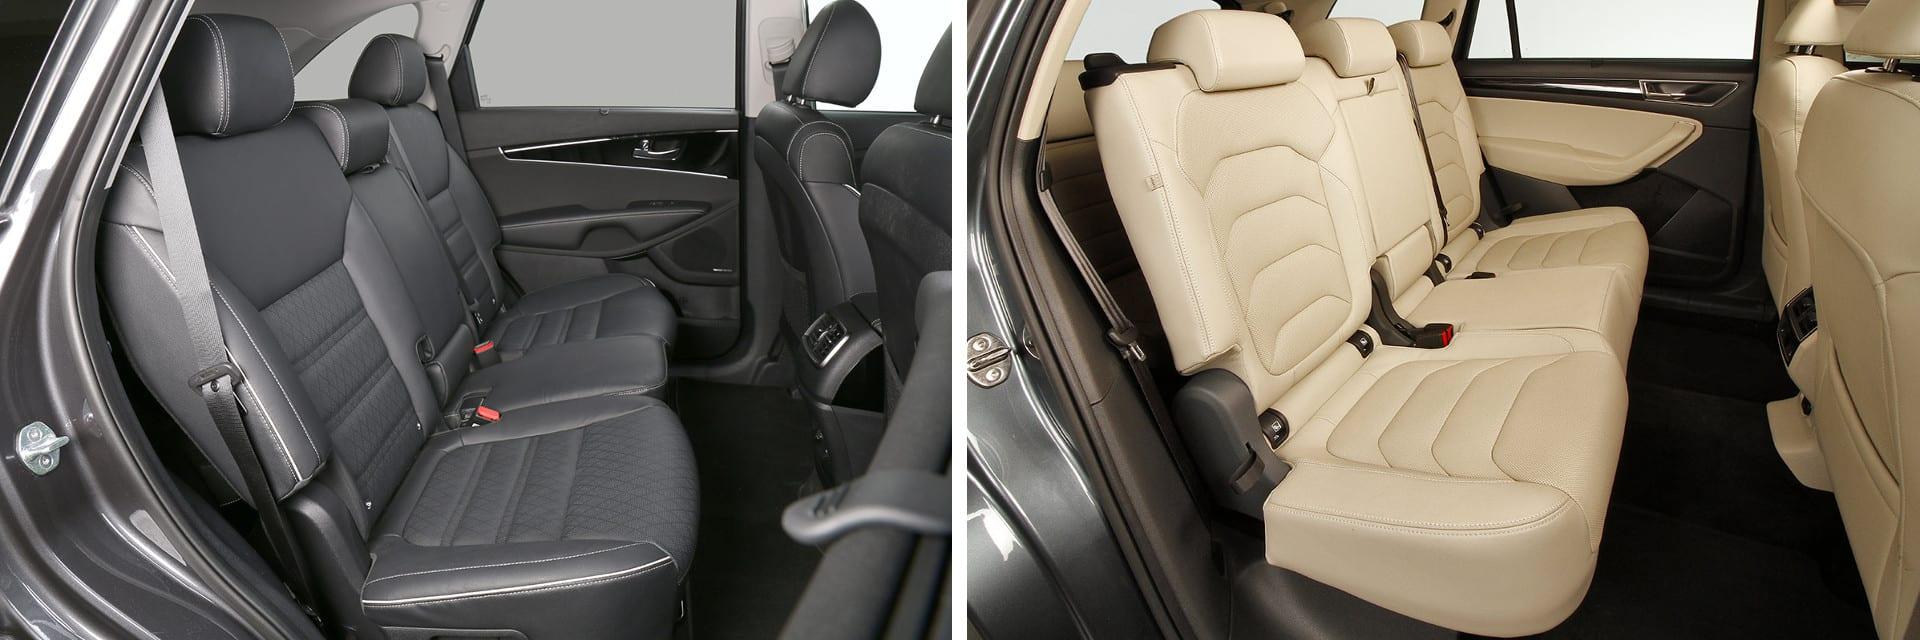 Los asientos traseros de estos dos coches pueden desplazarse individualmente de forma longitudinal para dejar mayor espacio a la tercera fila de asientos.